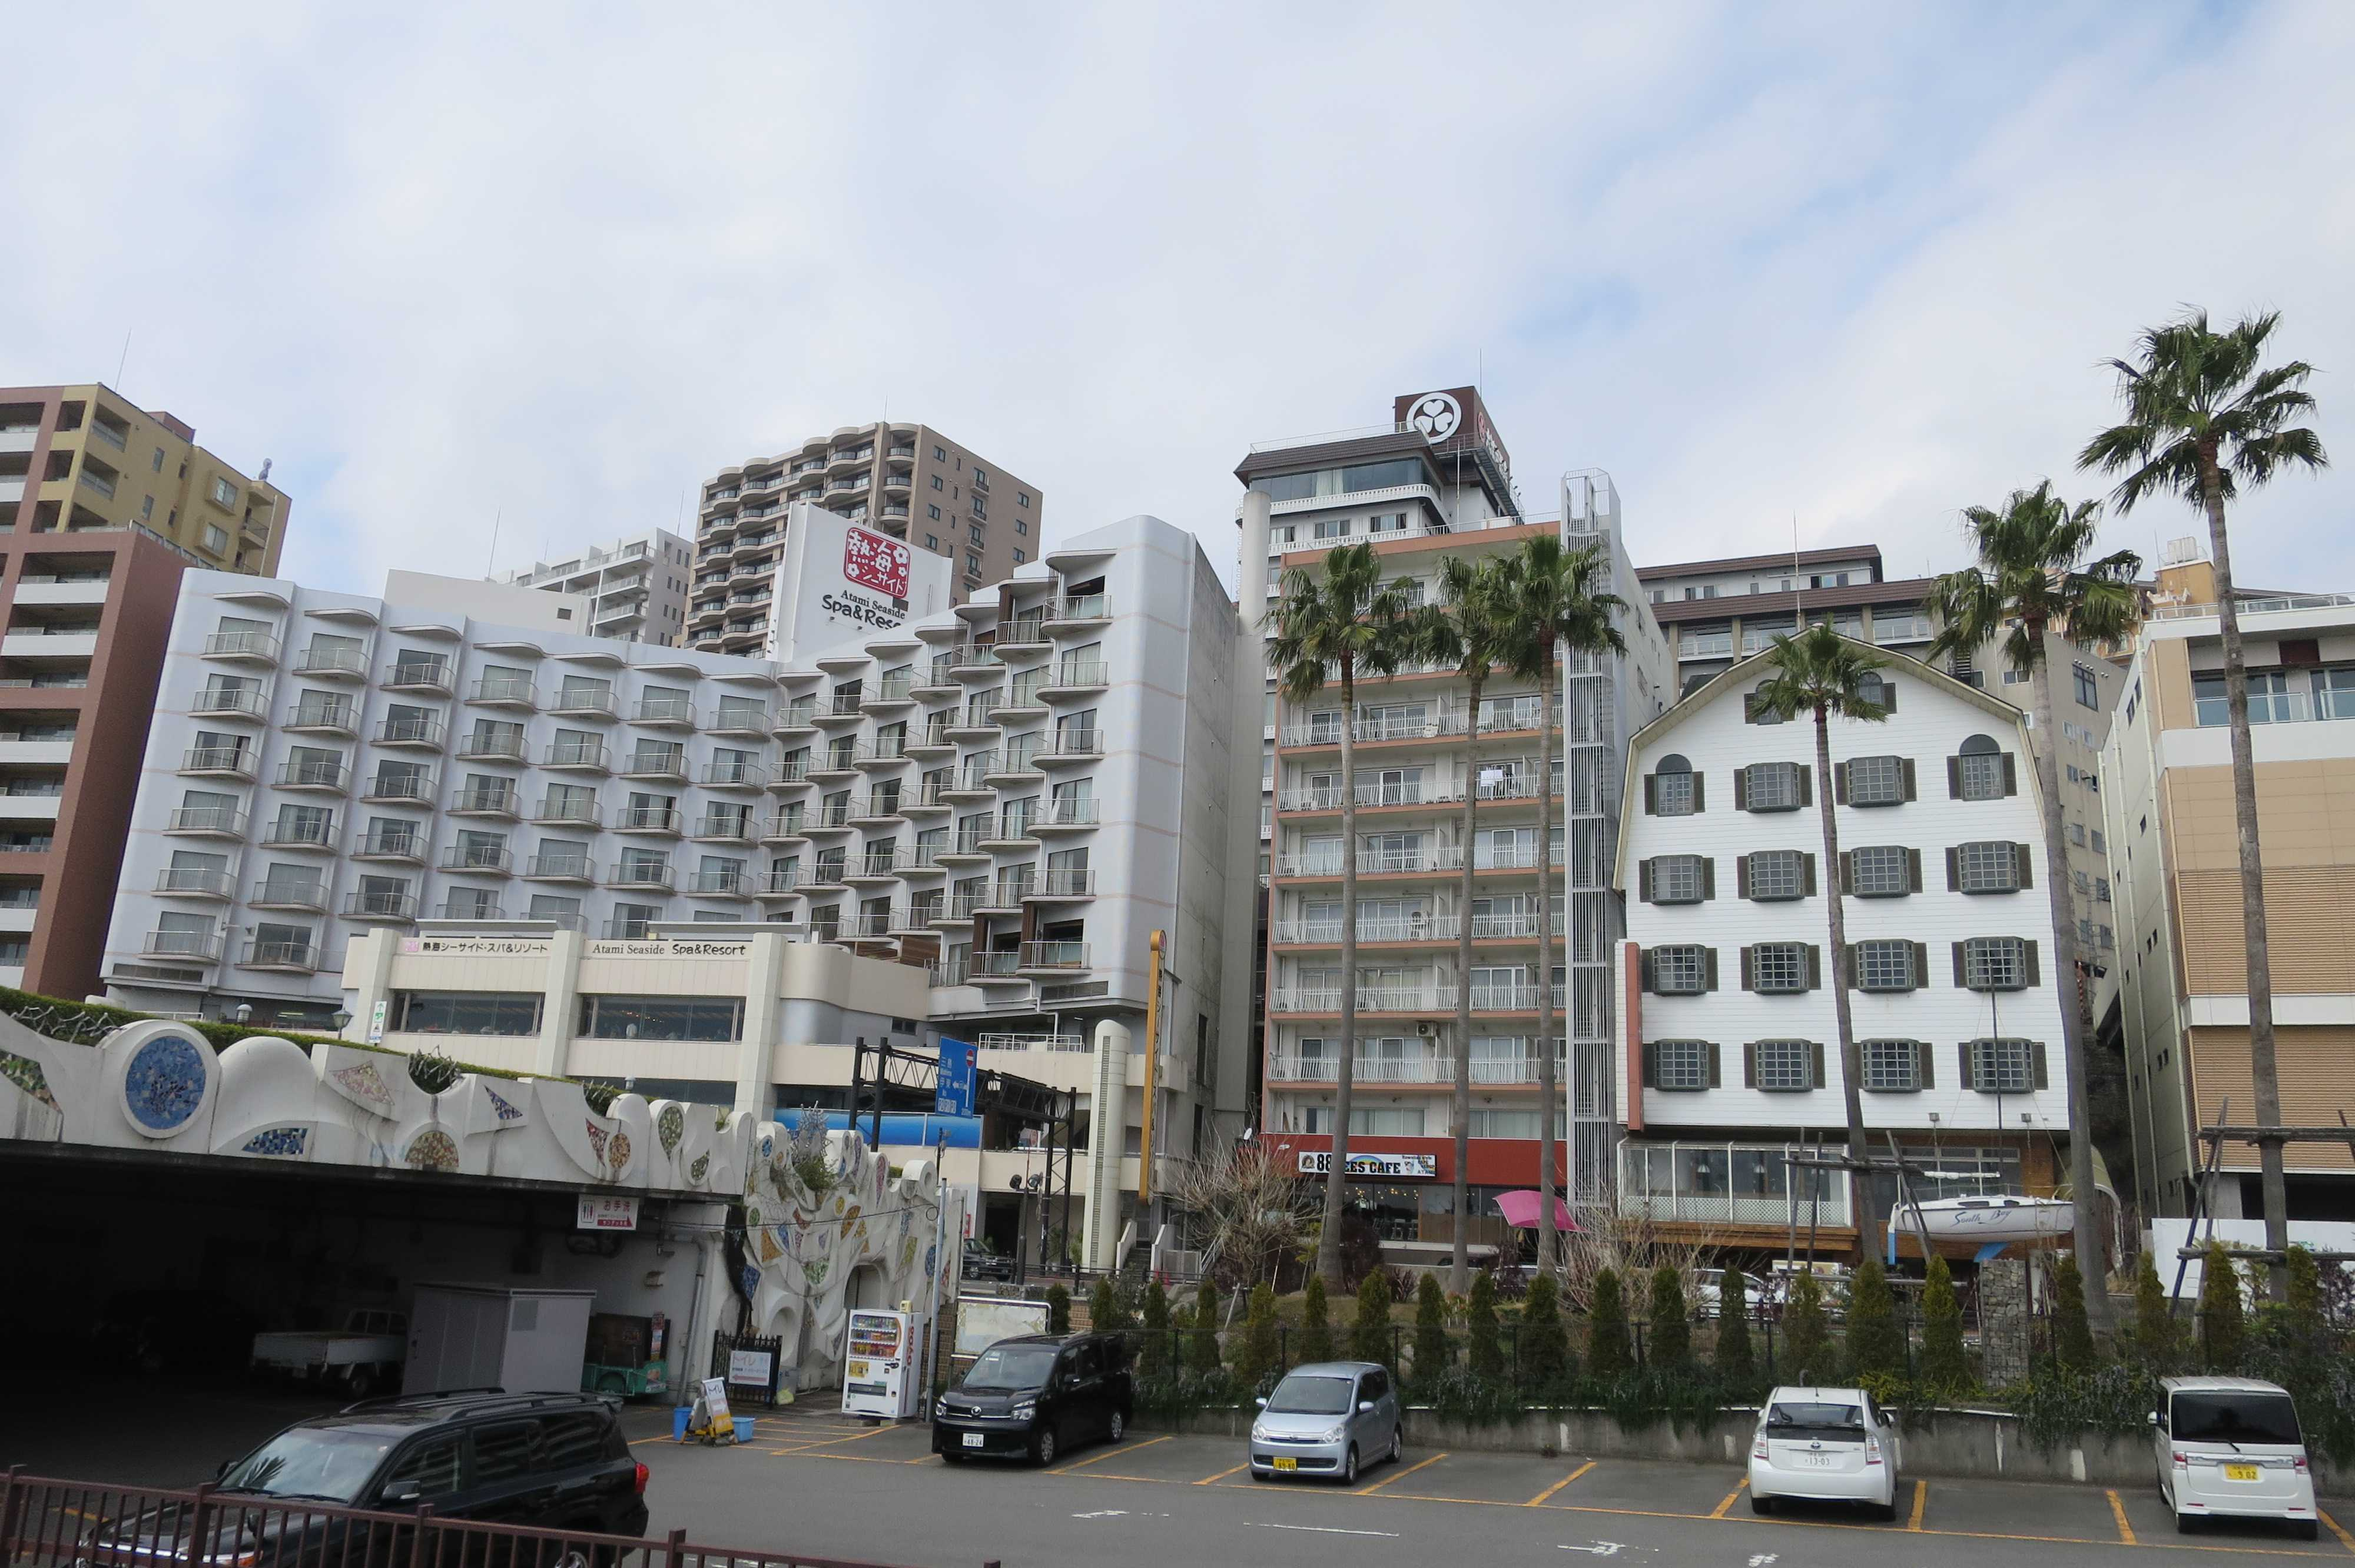 熱海 - 海沿いの建物群